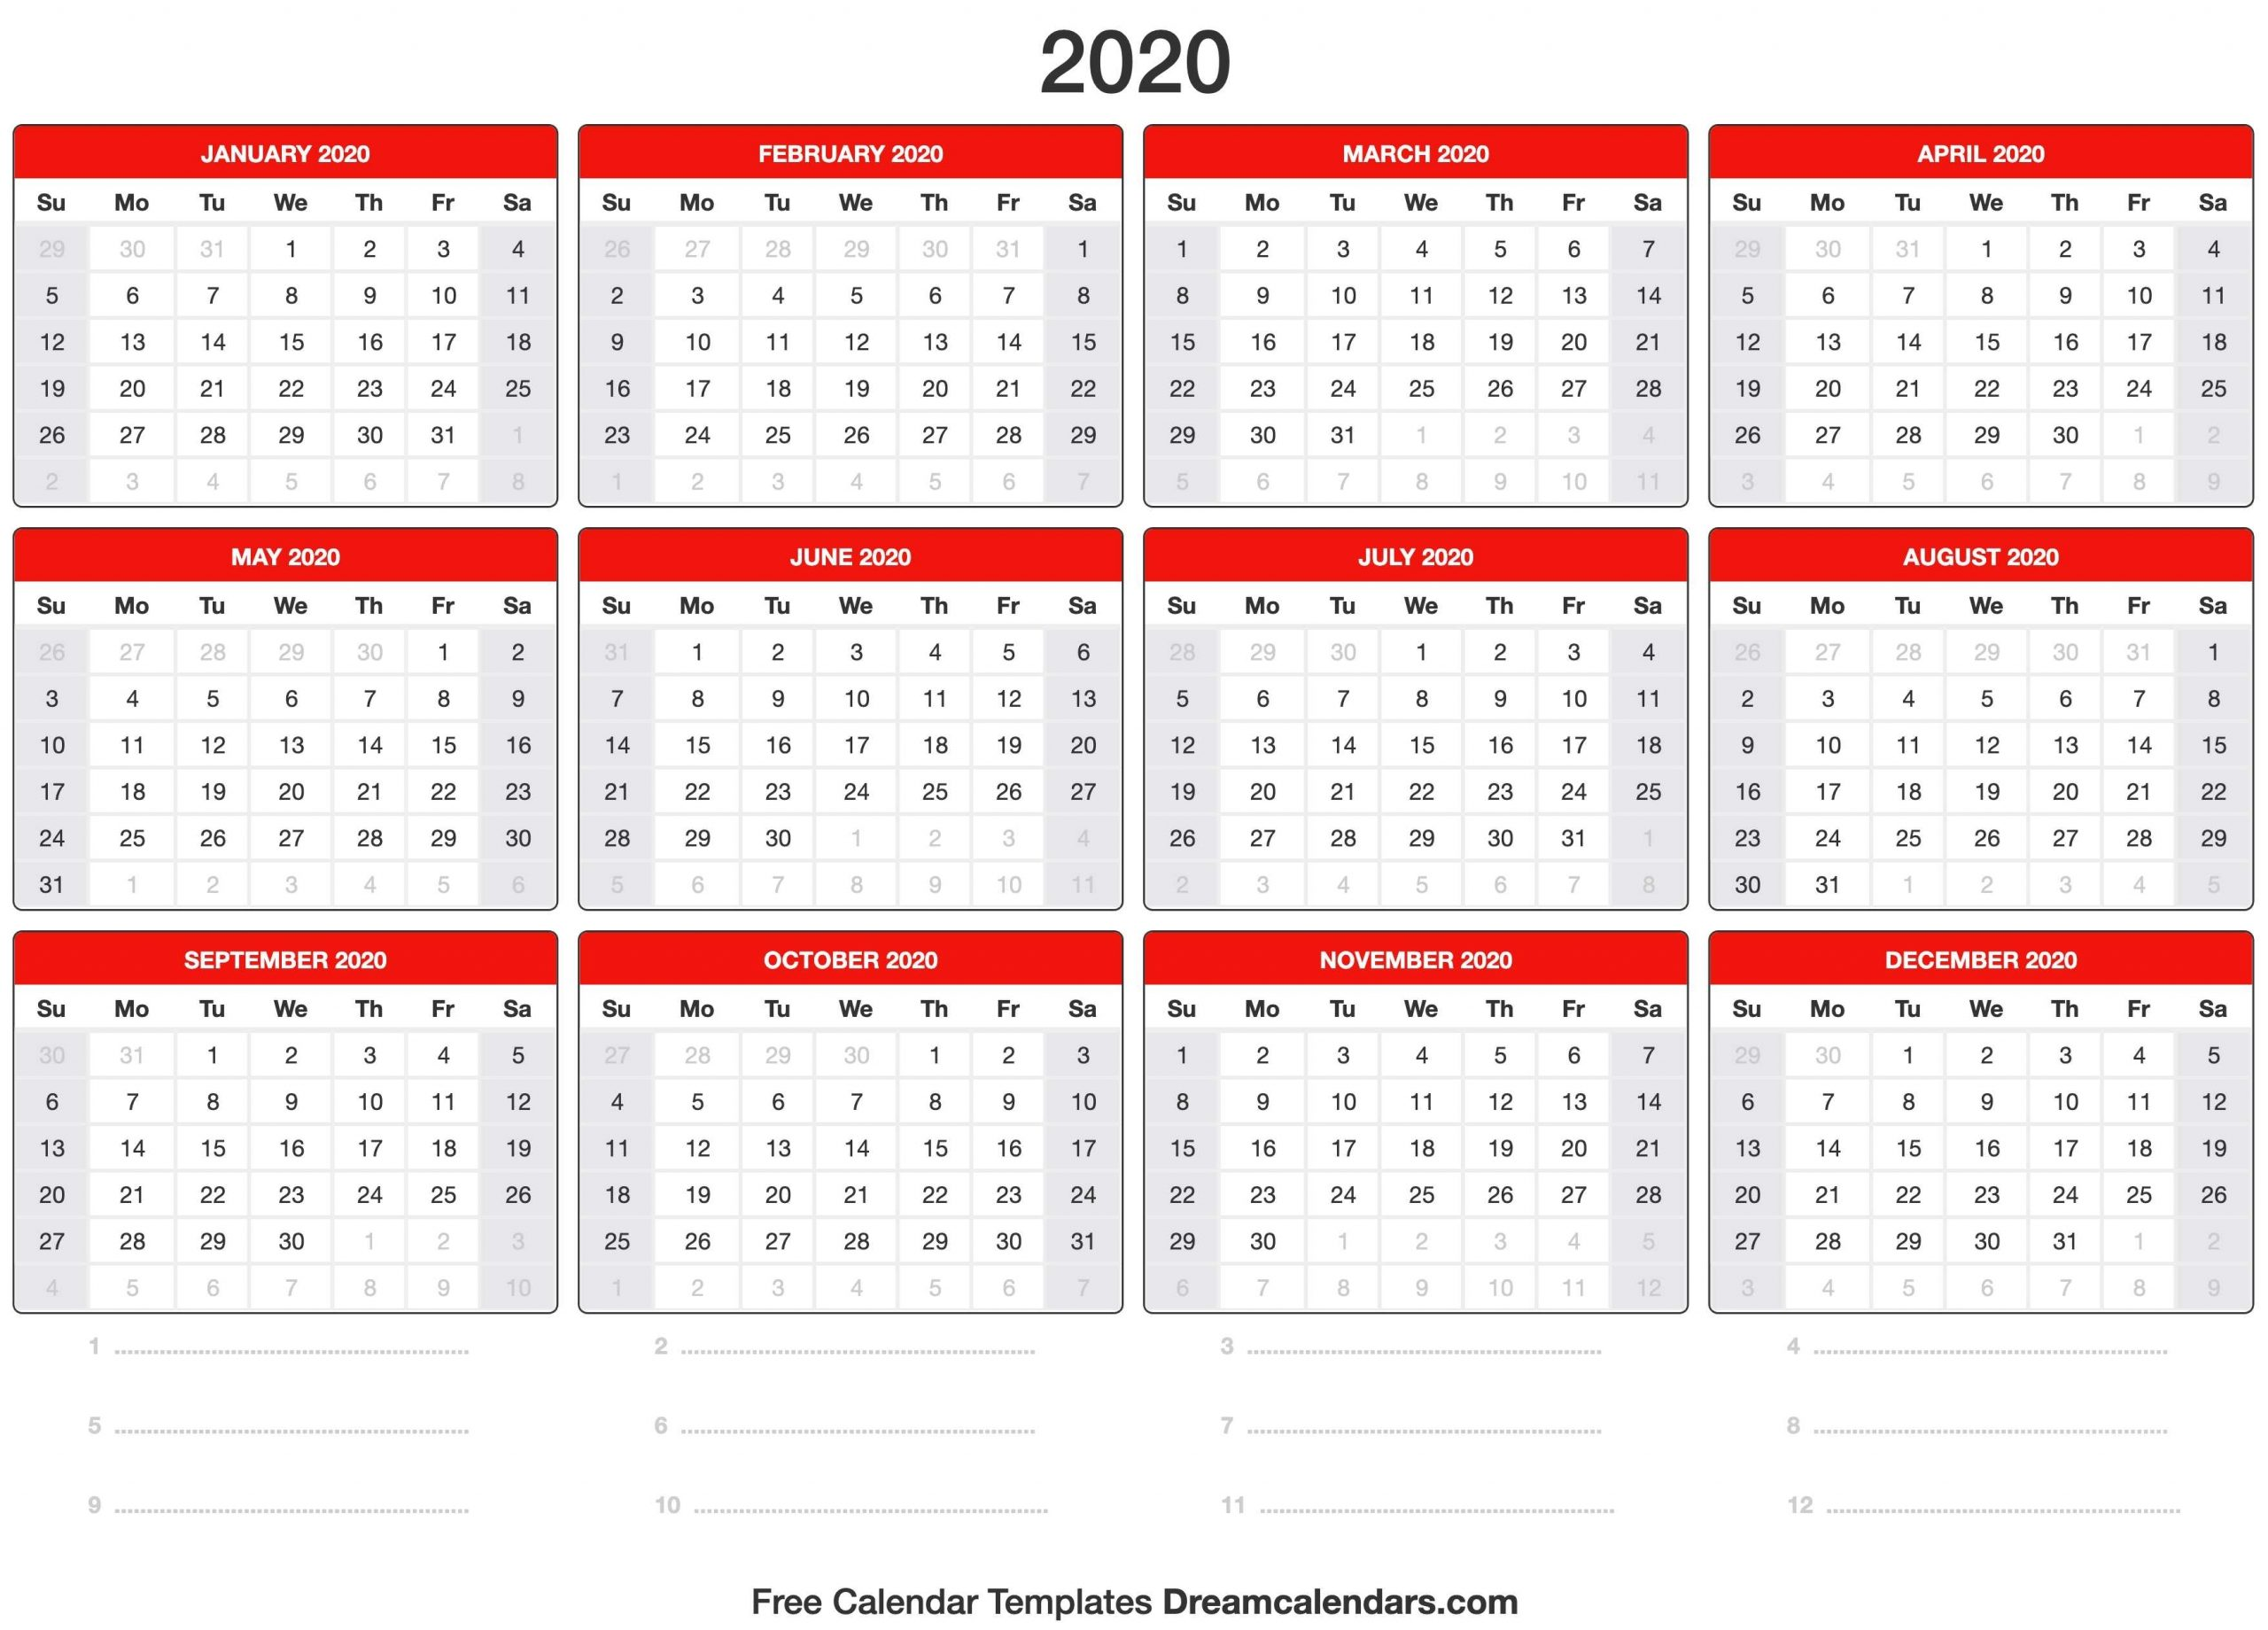 2020 Calendar in 2020 Calender Year Week Wise